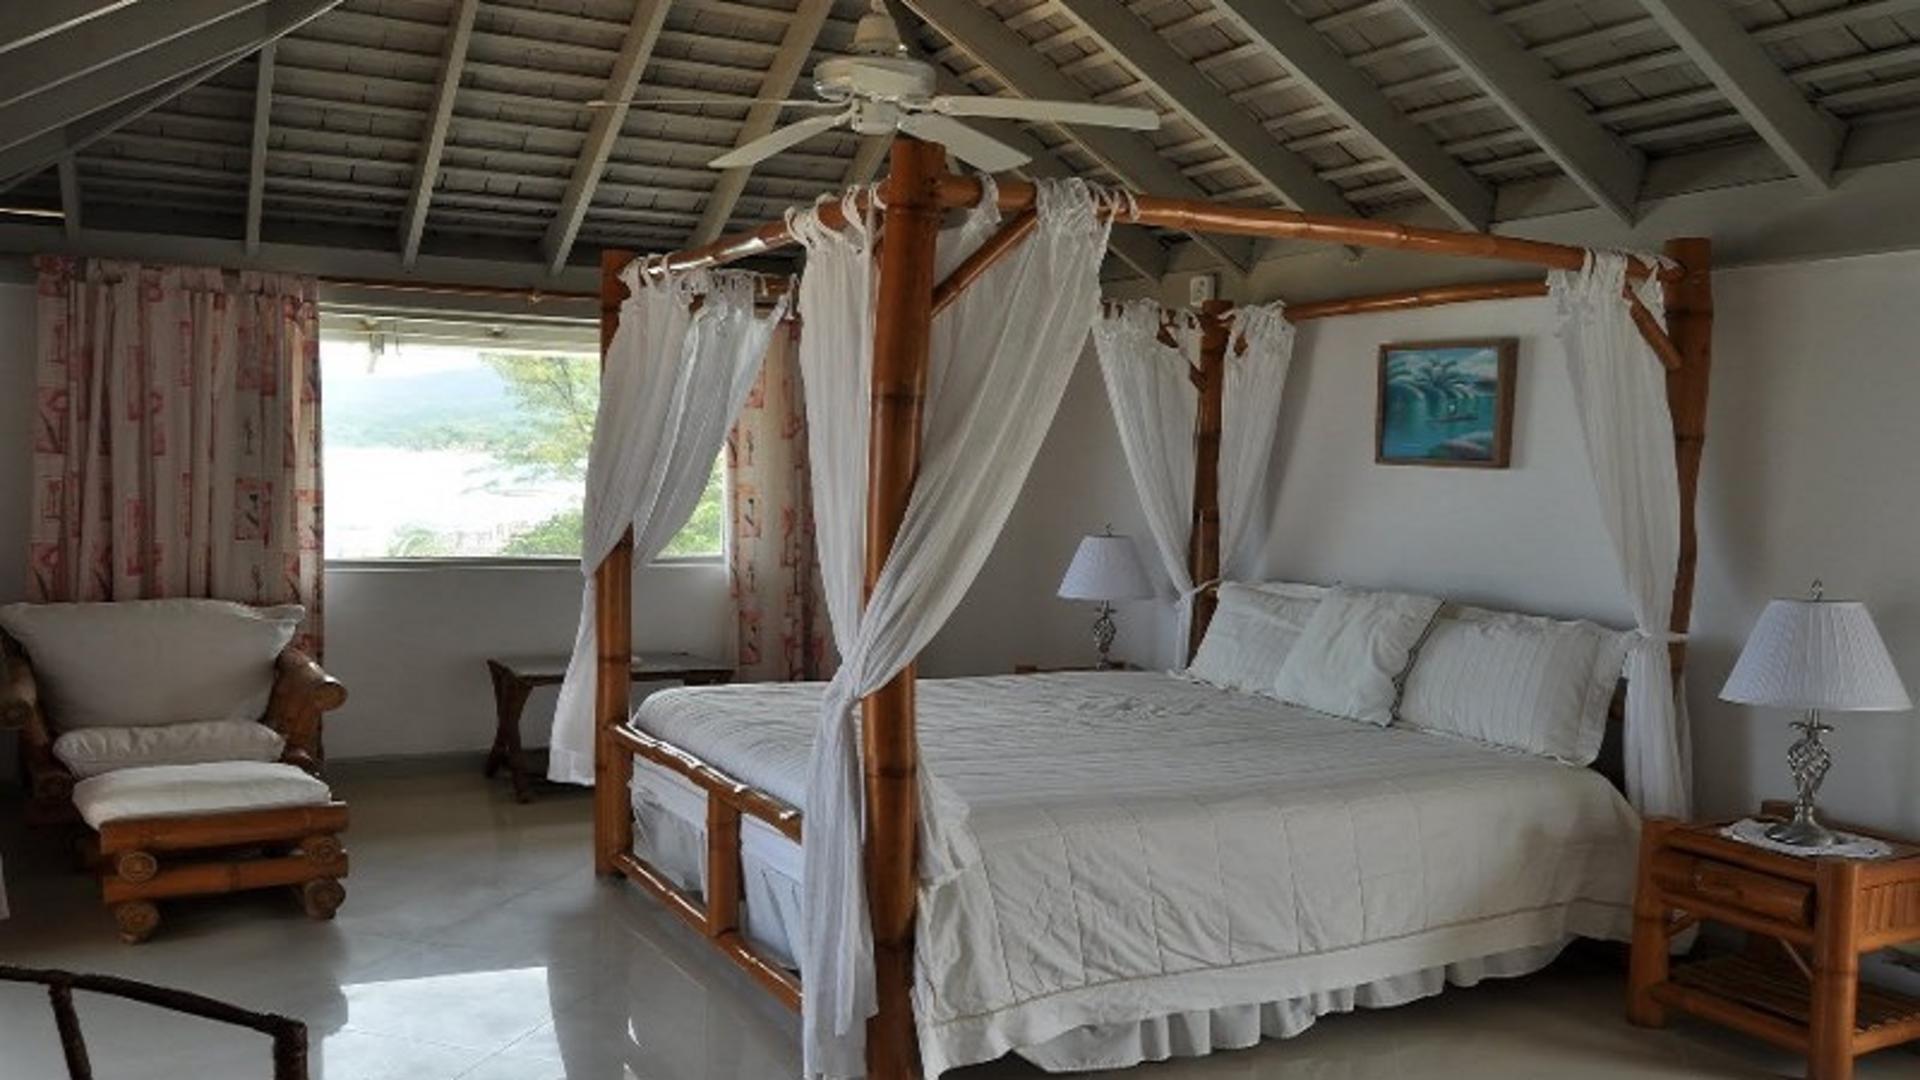 terra-novabedroom-jamaica2-gallery